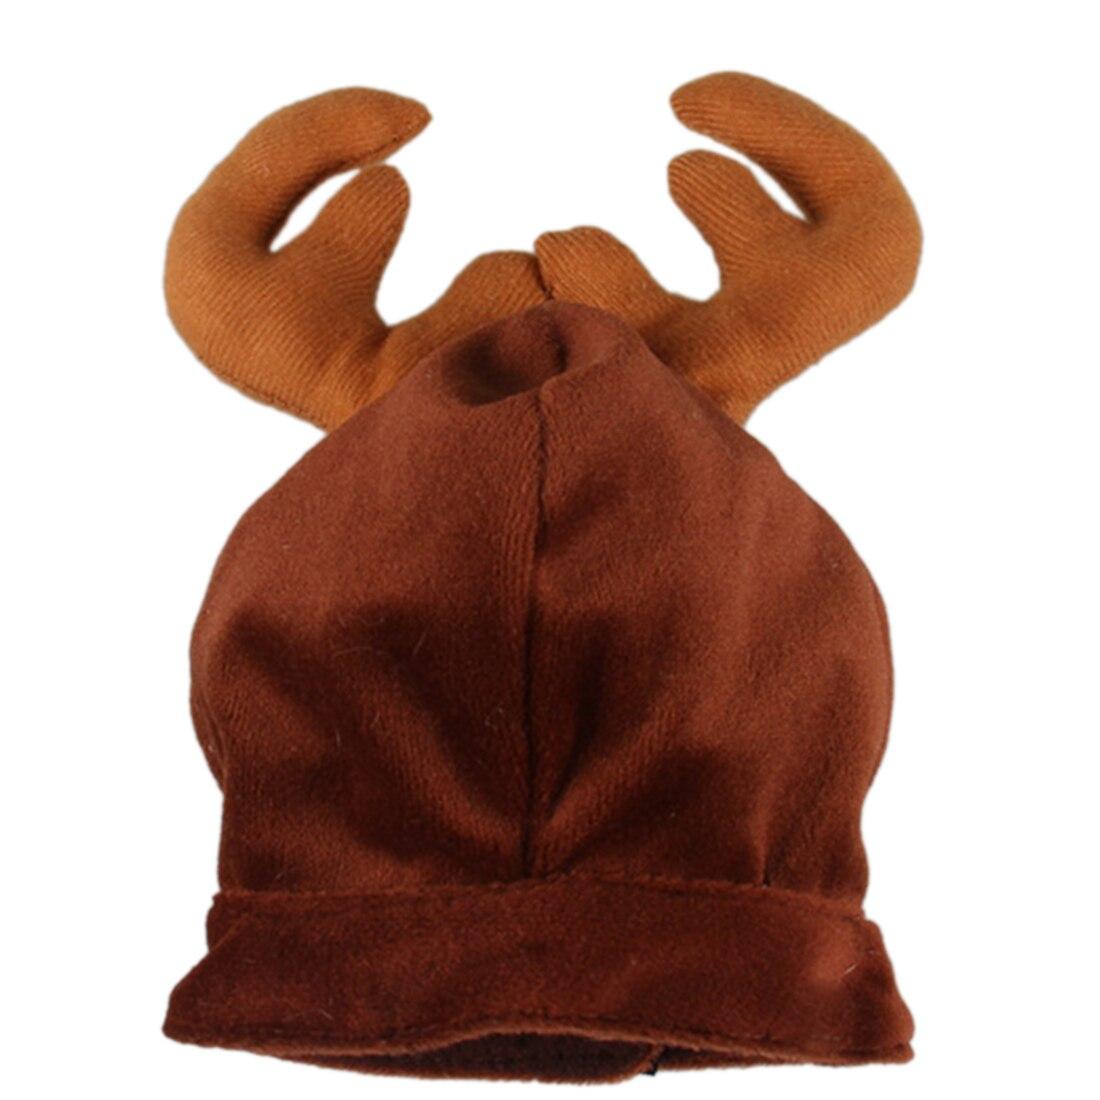 Petforu Mascota Gato Tapa Sombreros Sombrero de Navidad Disfraces de ...